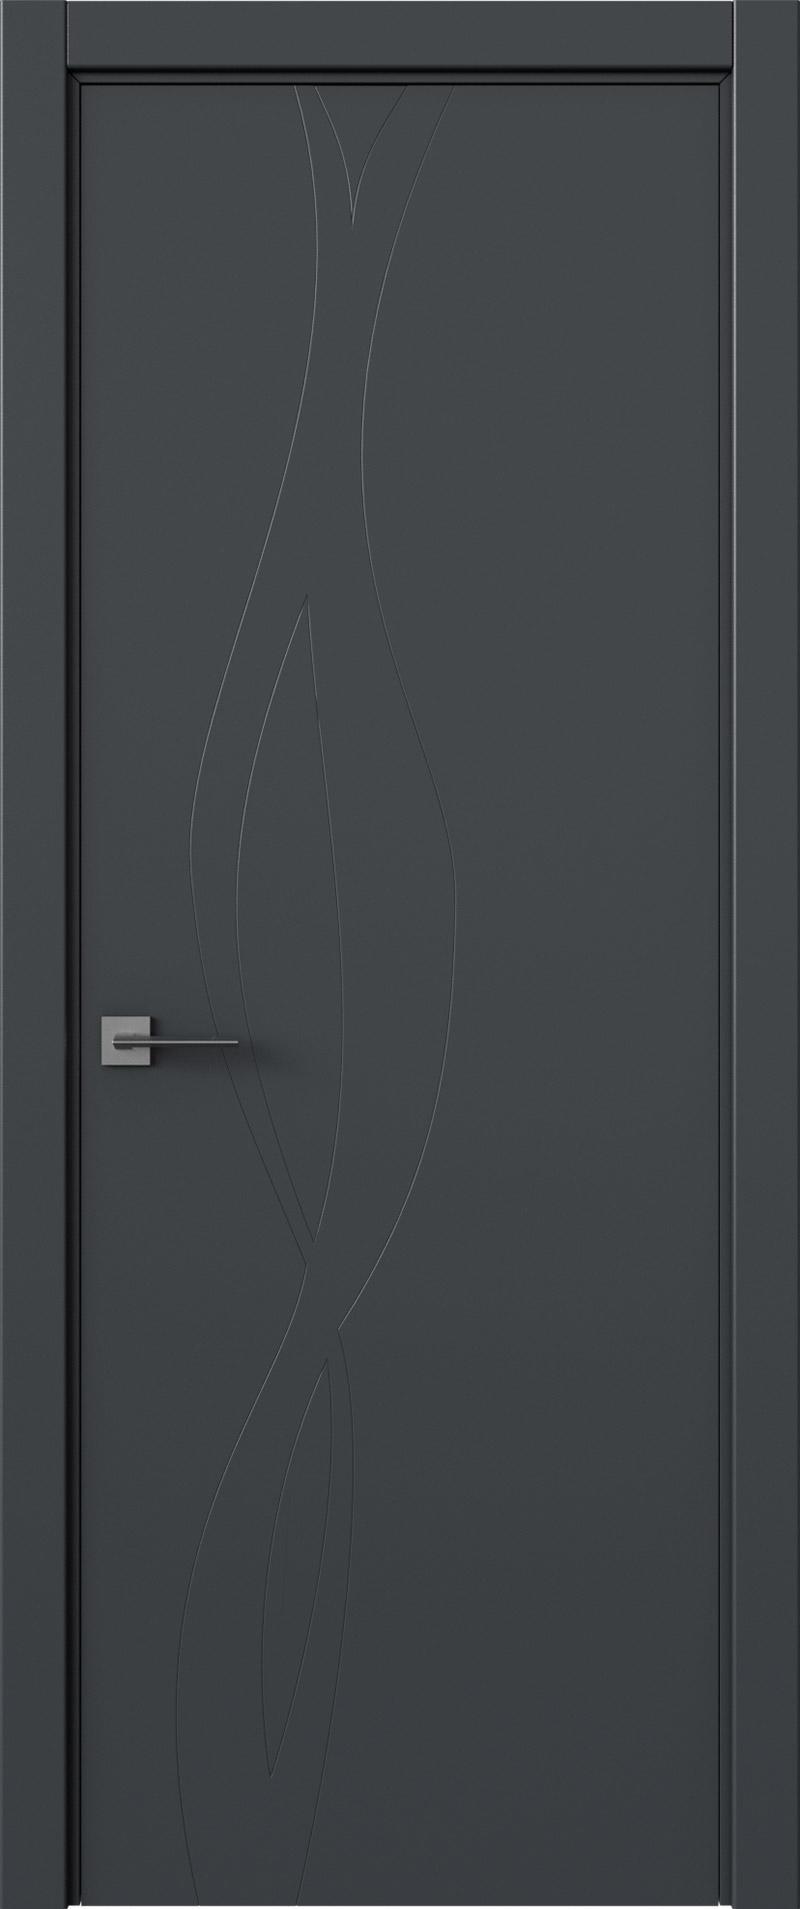 Tivoli Г-5 цвет - Графитово-серая эмаль (RAL 7024) Без стекла (ДГ)